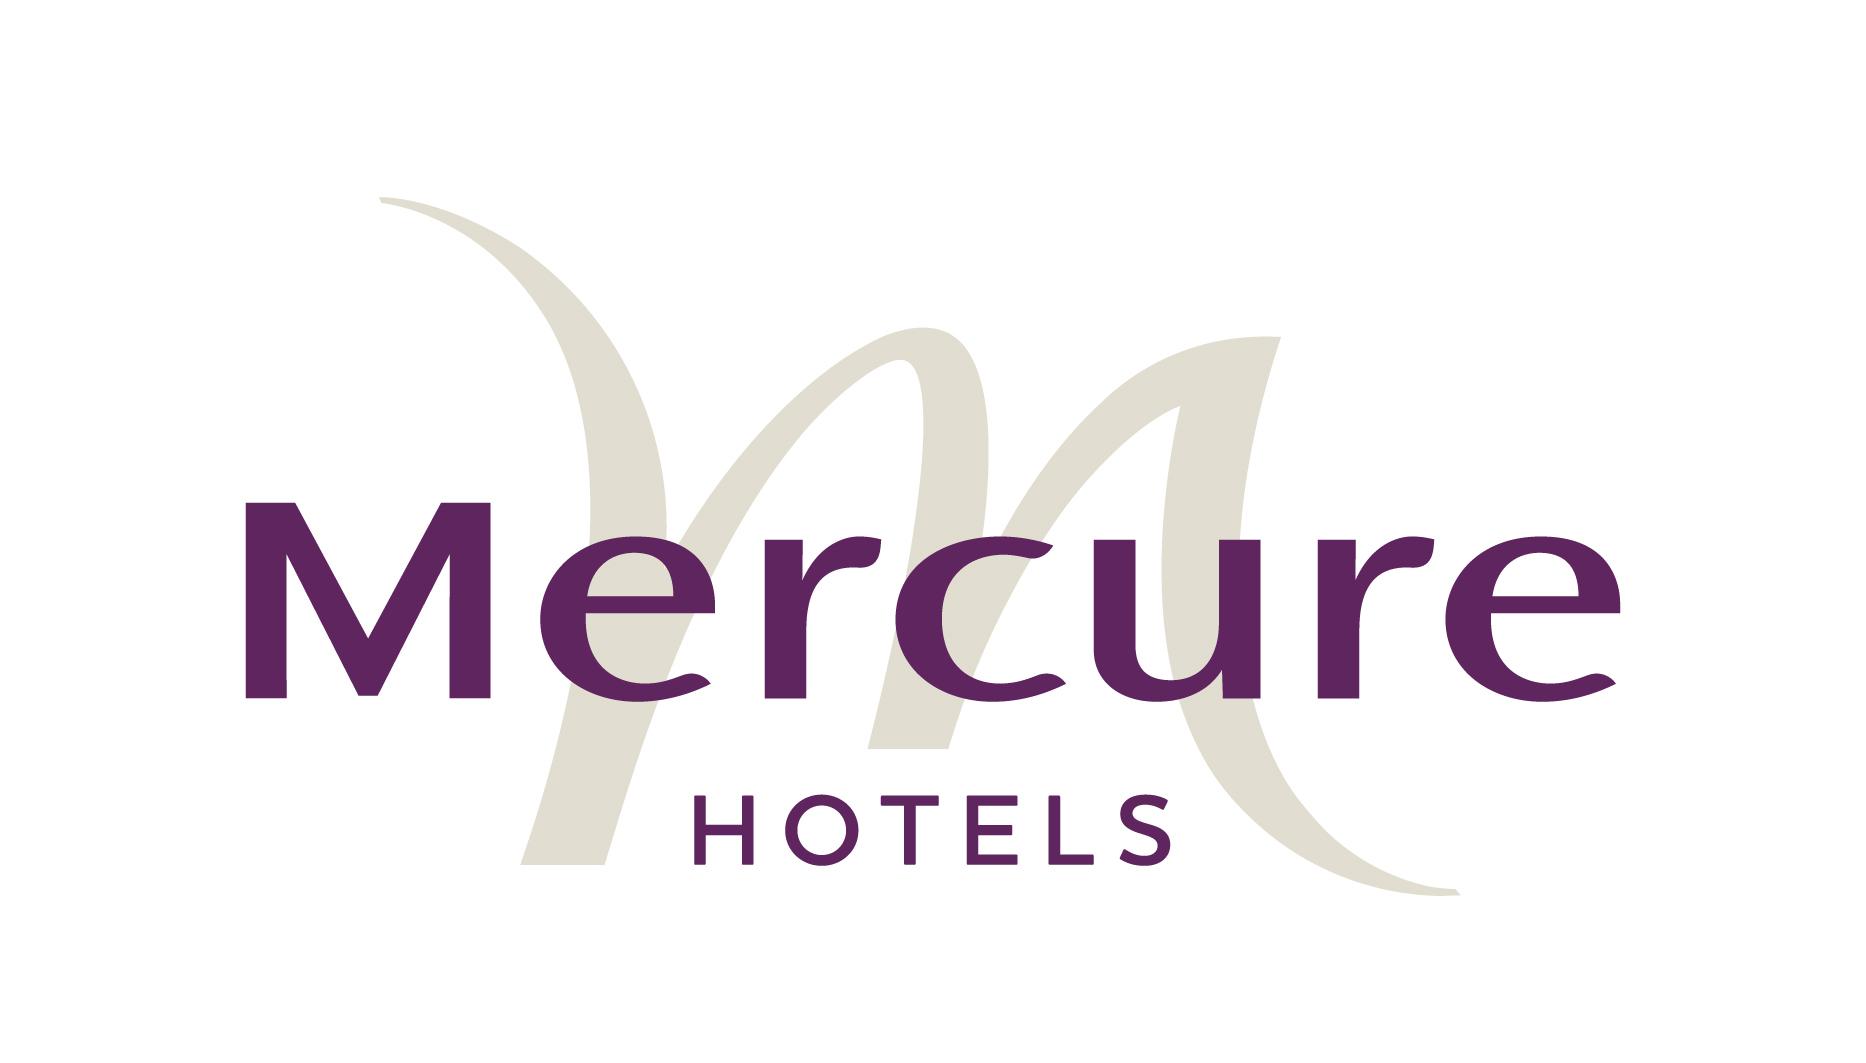 Mercure hotels rvb